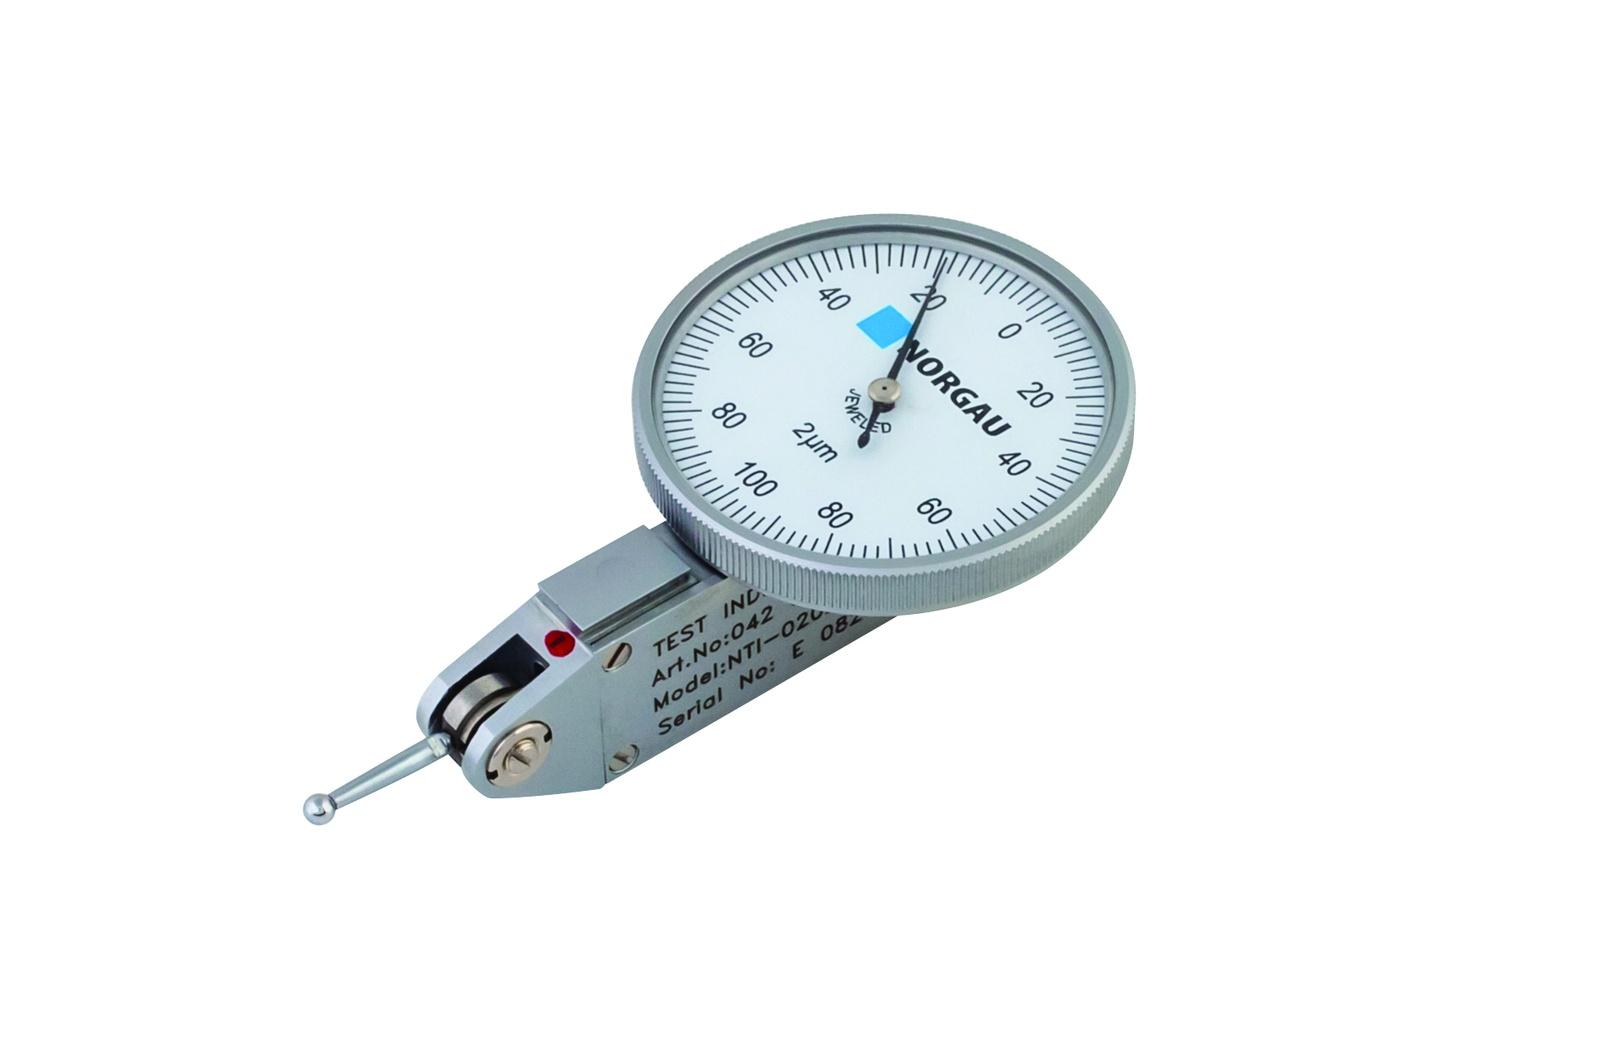 Измерительная головка NORGAU рычажная 0,2 мм/0,002 мм, тип NTI-02021, 042083002042083002Головка измерительная рычажная 0,8 мм/0,01 мм, тип NTI-08101. Контакт возможен для обоих направлений измерения. Вращающийся циферблат для установки нуля. Антимагнитный корпус. Механизм на агатовых подшипниках для долгого срока службы. На корпусе головки 3 направляющих типа «ласточкин хвост» для крепления. Шкала - 0-40-0. Диаметр циферблата - 39мм. Поставка в пластиковом футляре с мягким ложементом, с хвостовиком для крепления диаметром 8 мм. Внесено в Государственный реестр средств измерений. Номер 63987-16